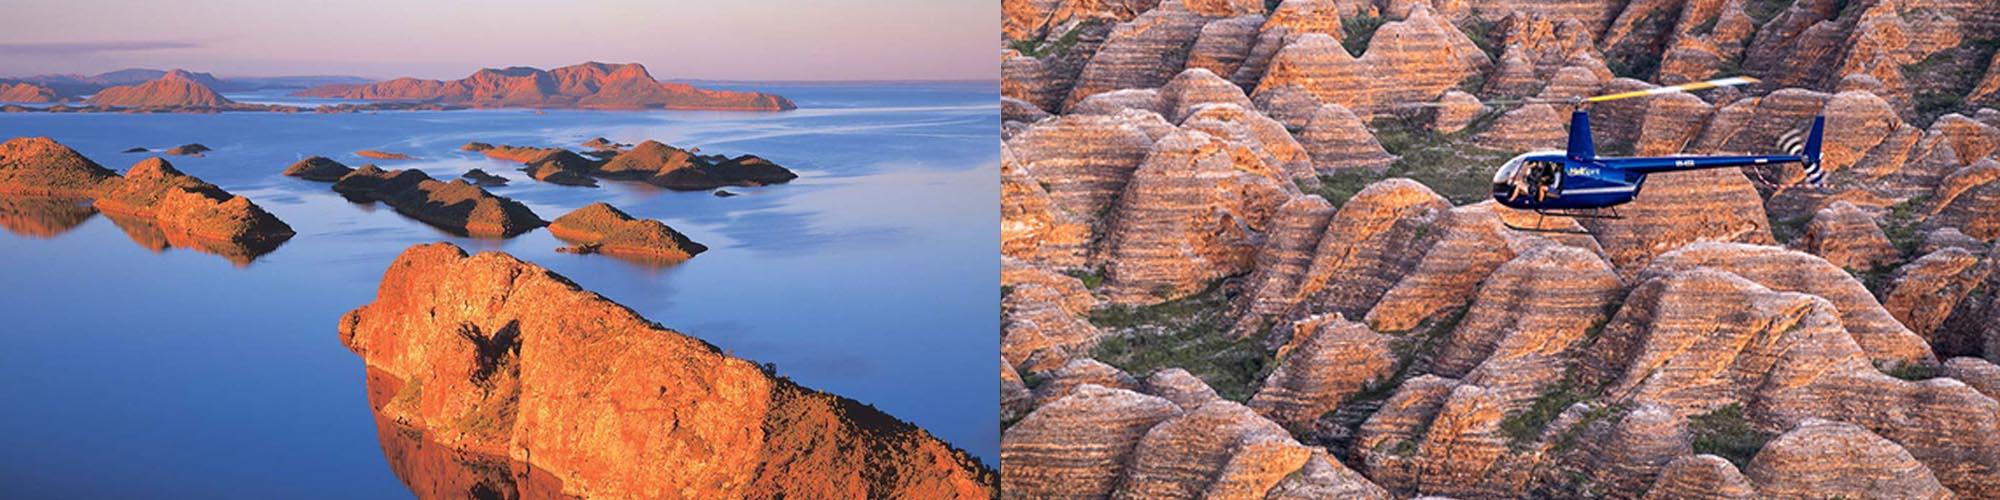 7 Day Kimberley Explorer